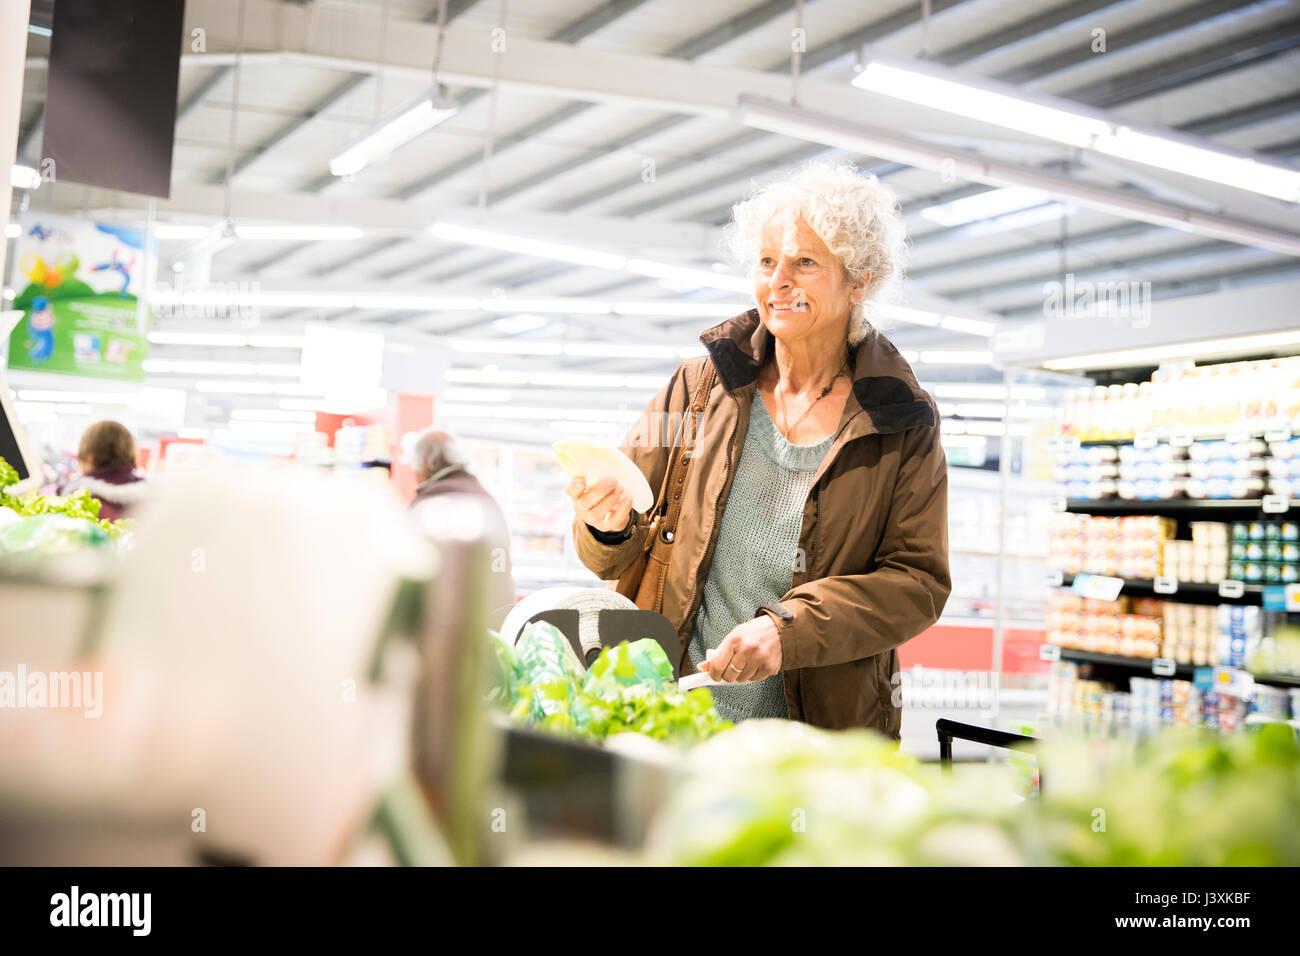 Reife Frau im Supermarkt, der frische Produkte Stockbild